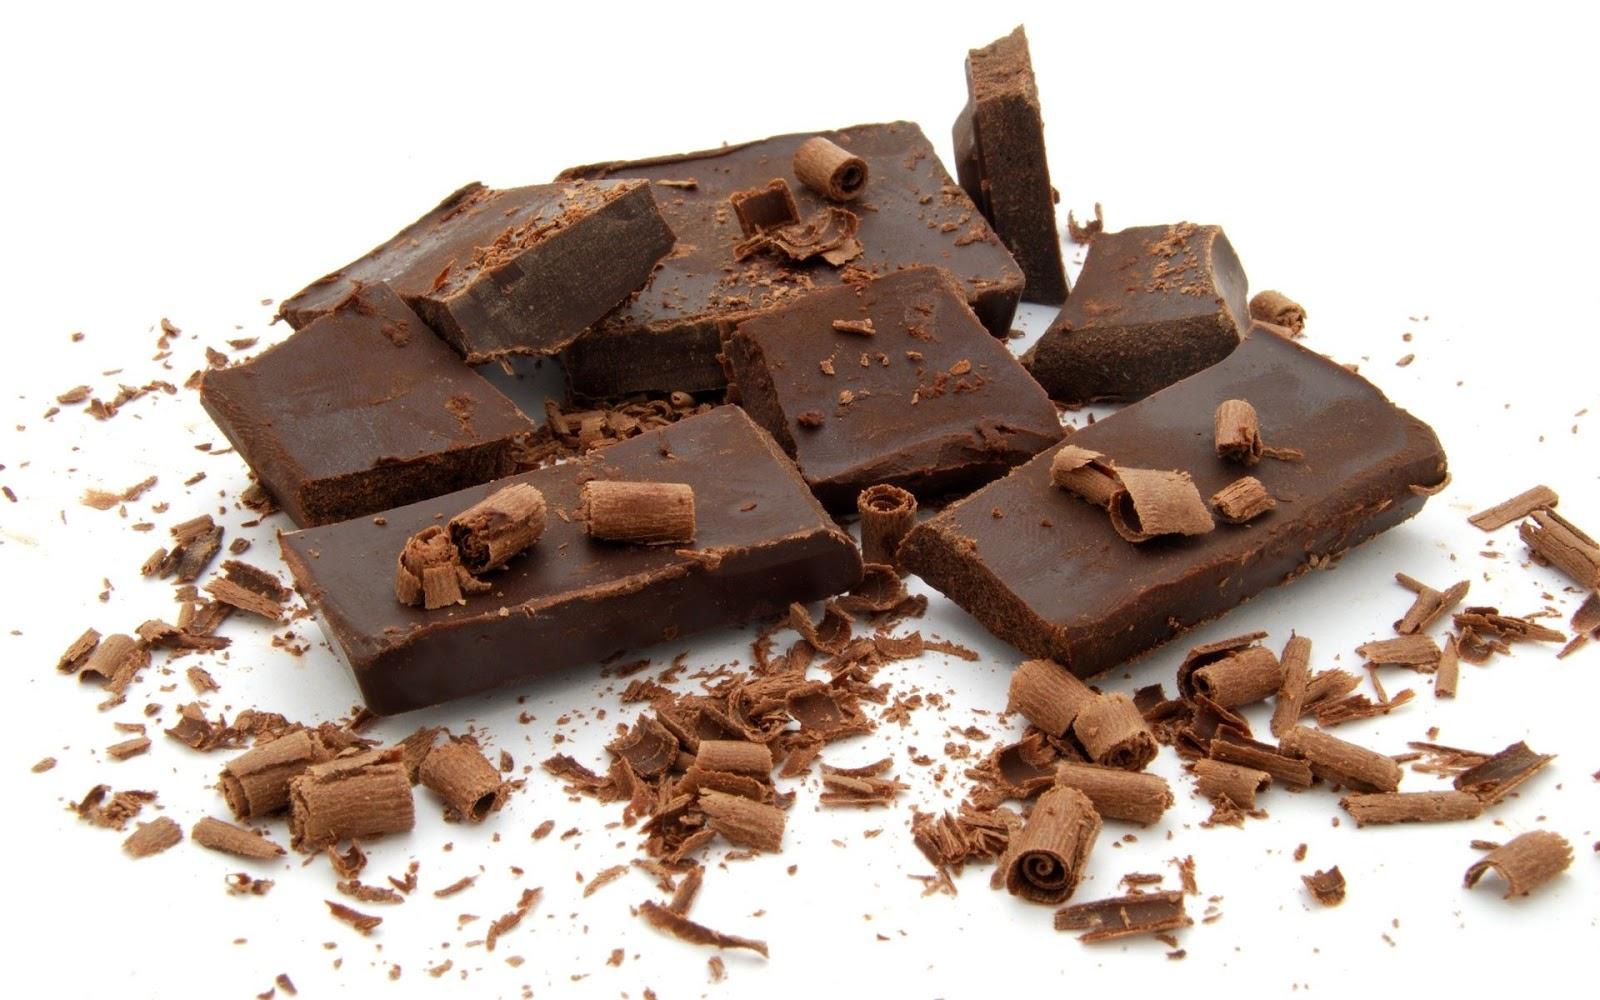 Cioccolato: il cibo degli dei